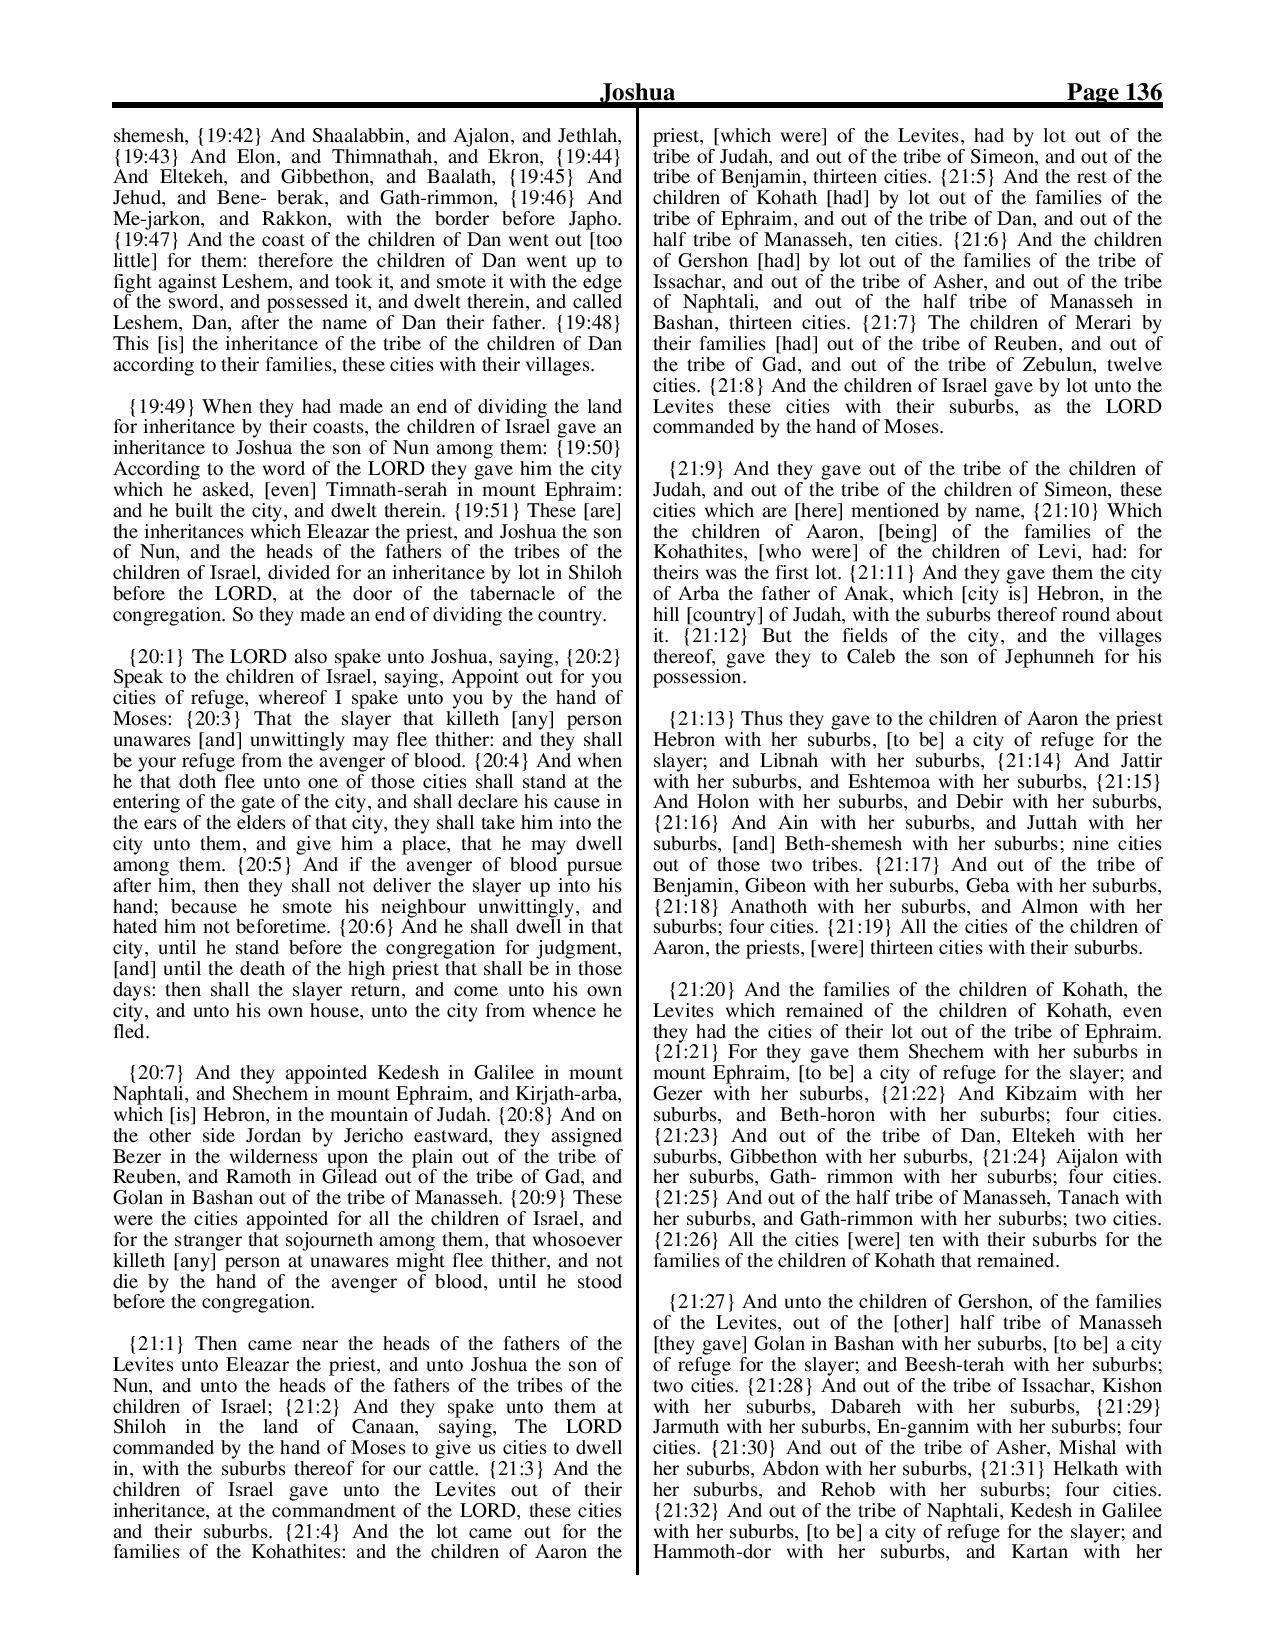 King-James-Bible-KJV-Bible-PDF-page-157